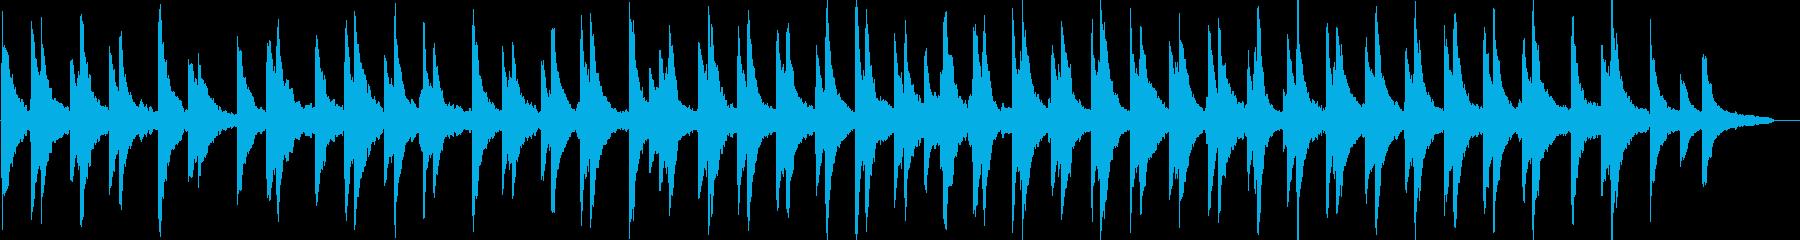 感動的・静けさ・ピアノ・映像・イベント用の再生済みの波形